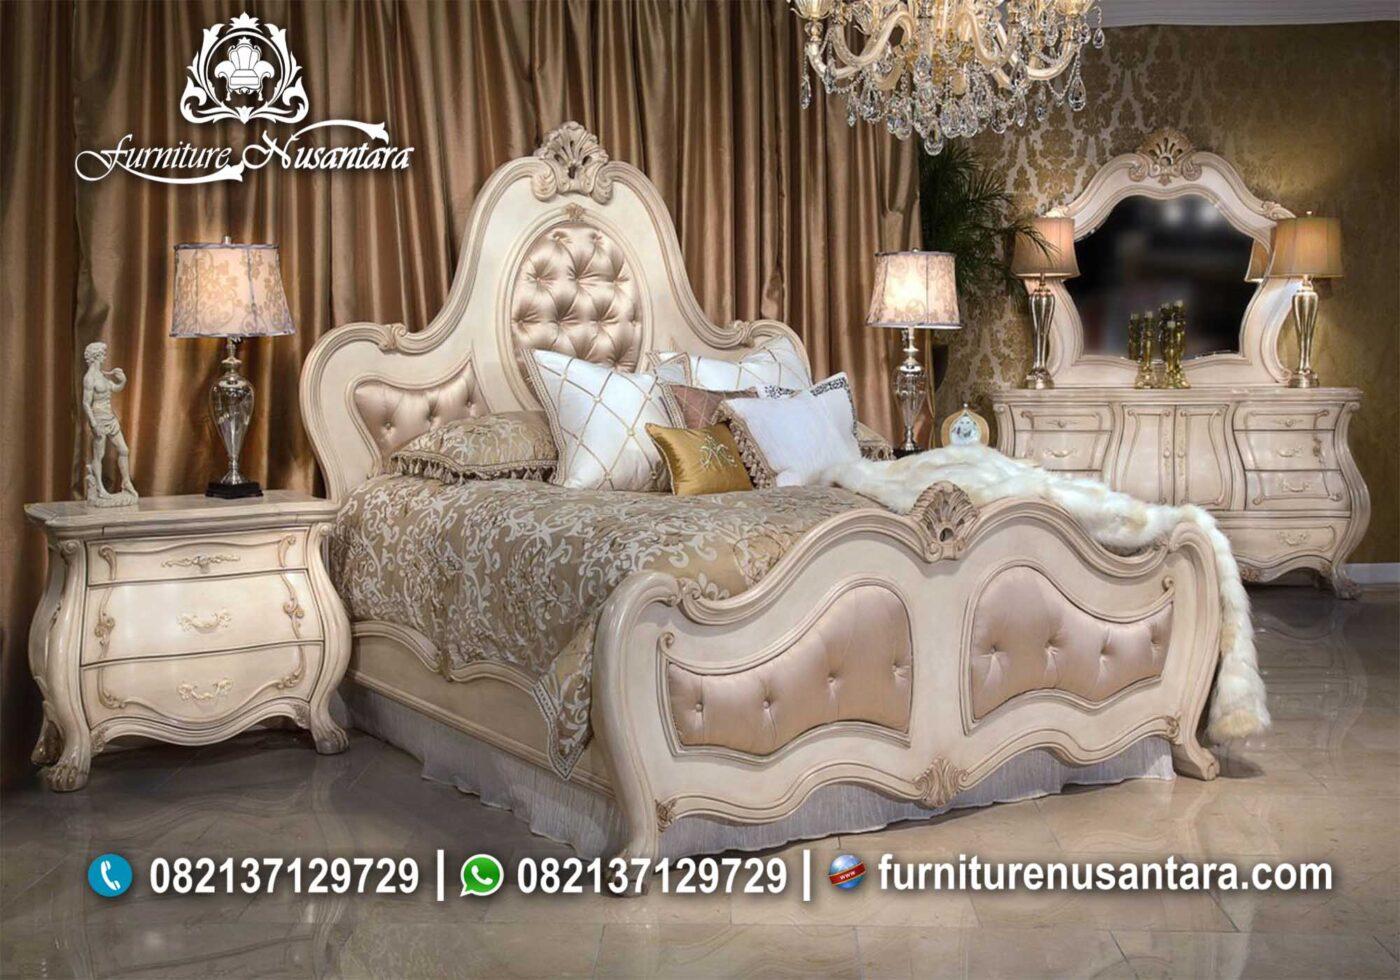 Ide Desain Kamar Mewah KS-31, Furniture Nusantara